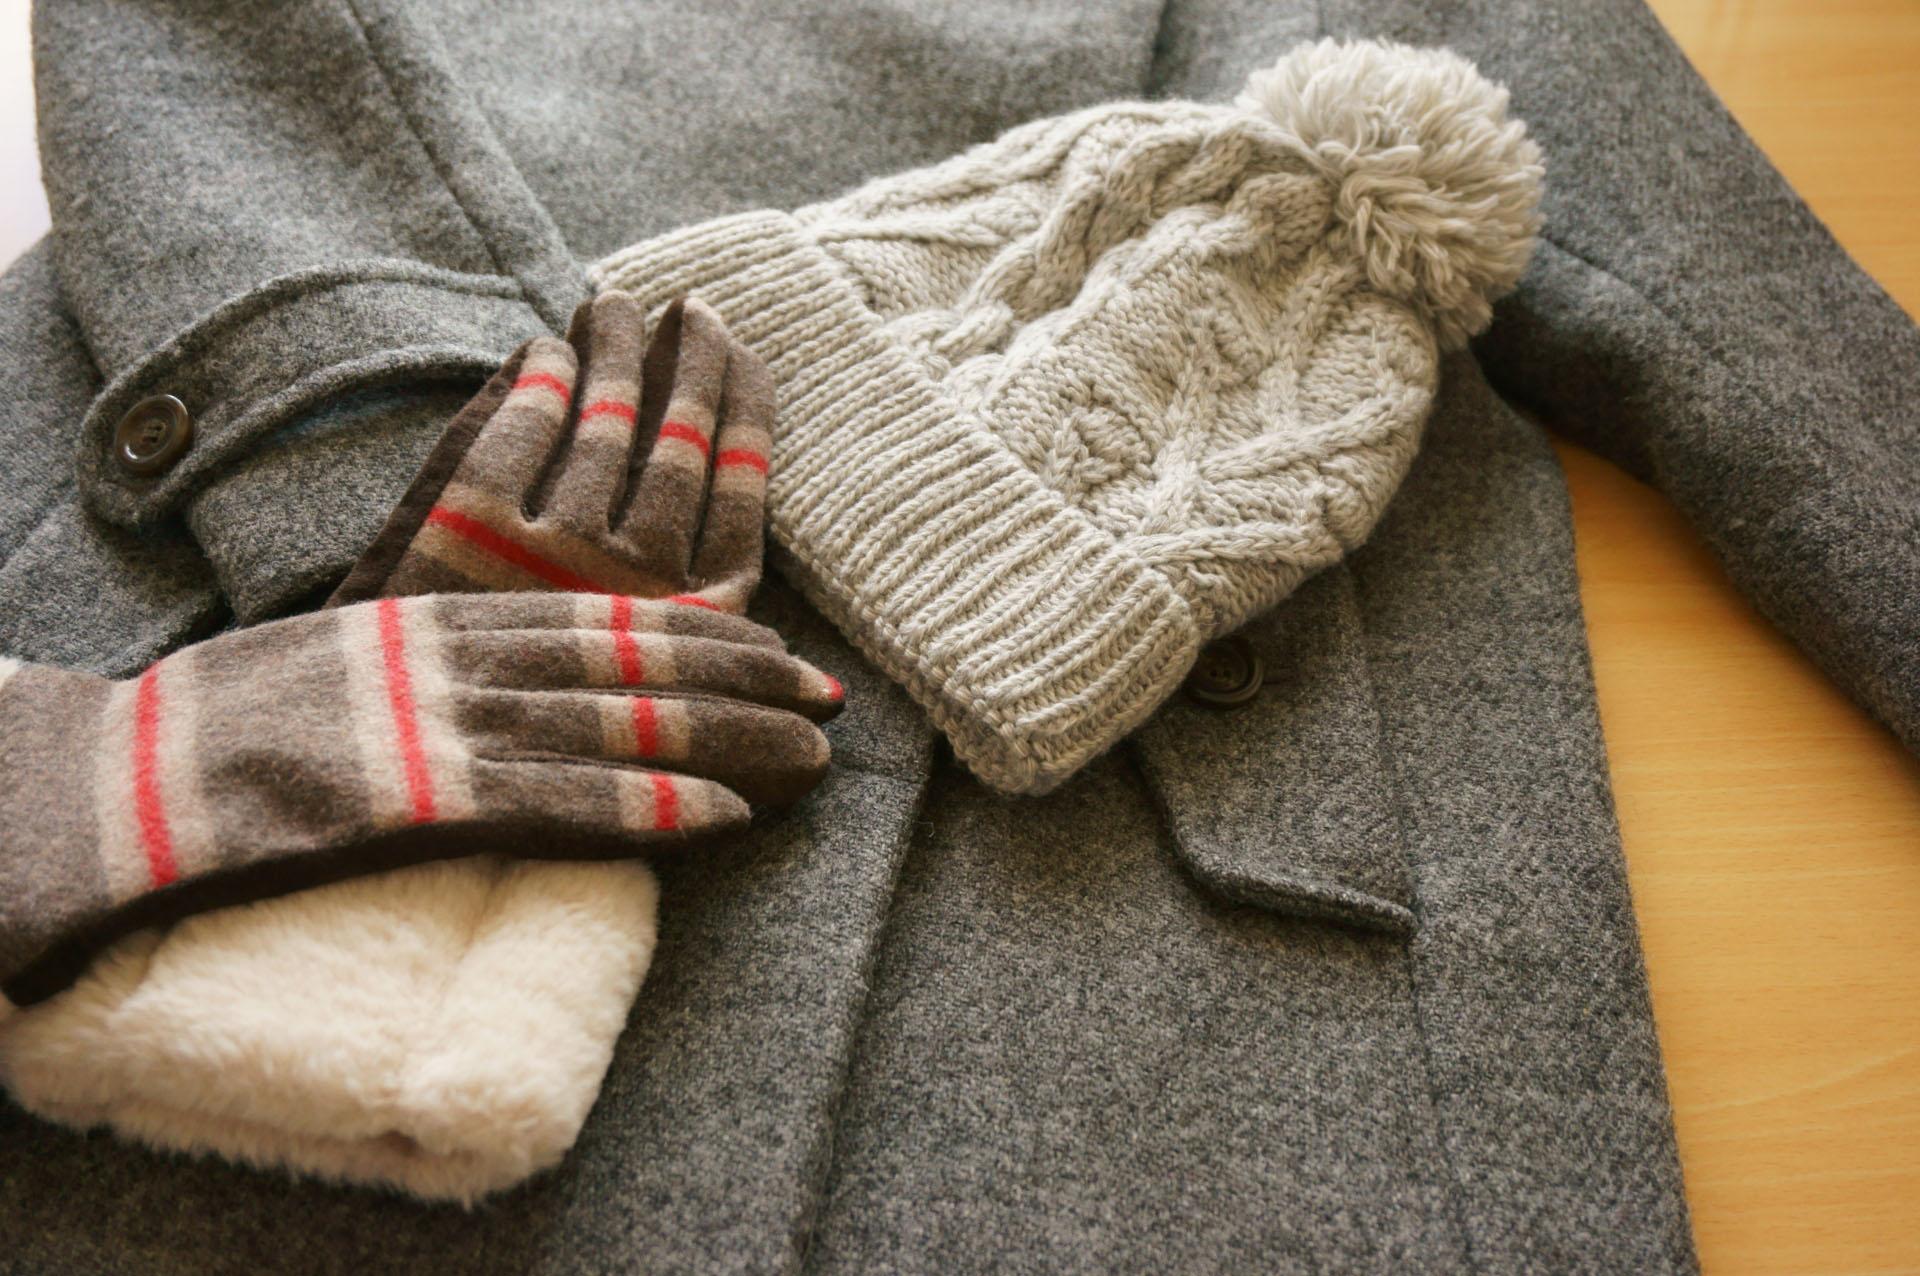 冬物衣類には意外に汗や皮脂がついてることも【写真:写真AC】